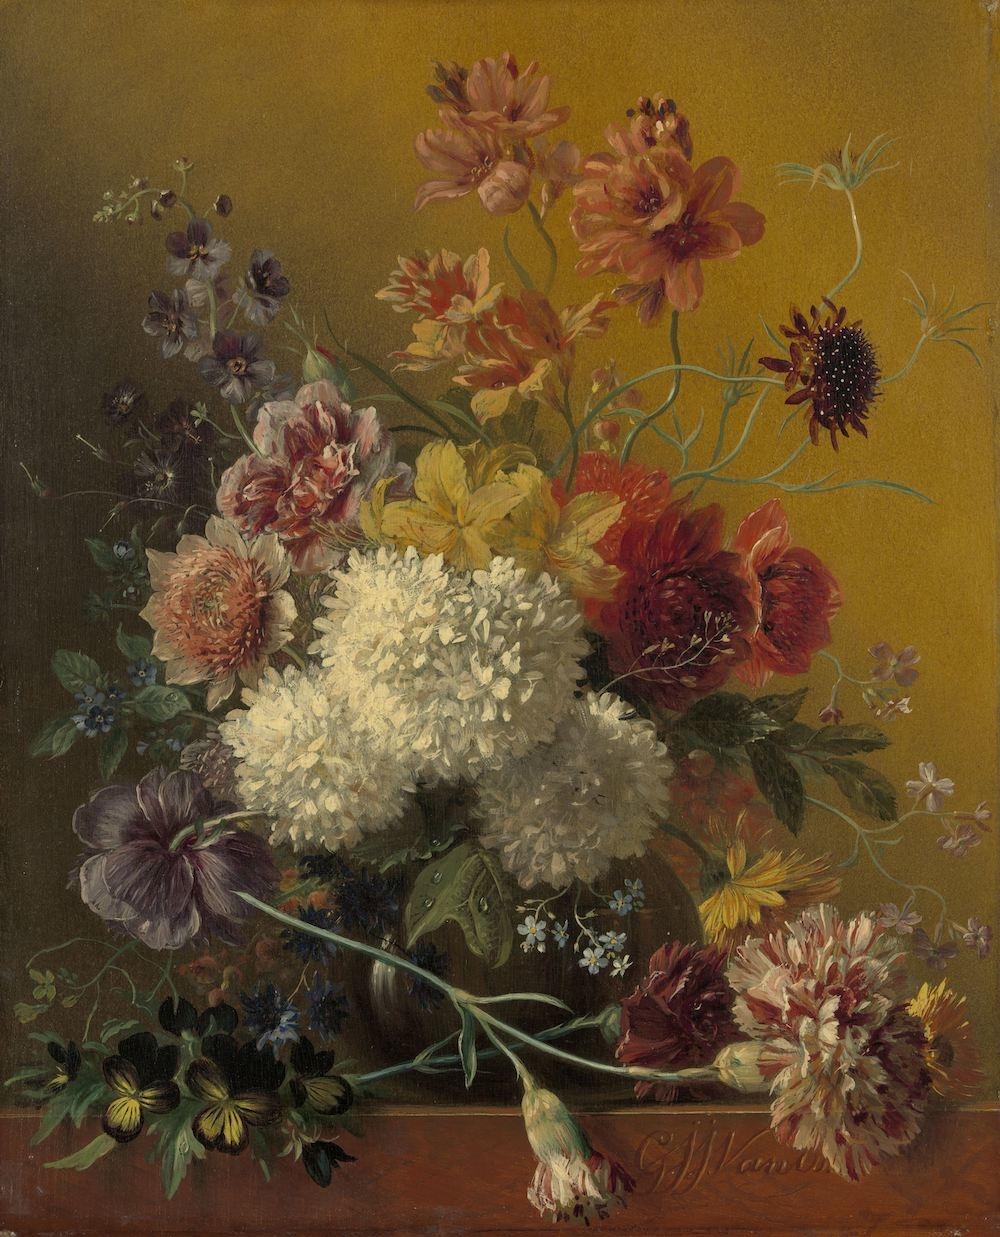 Georgius Jacobus Johannes van Os - Stilleven met bloemen, 60x90cm, Rijksmuseum, print op canvas, pre